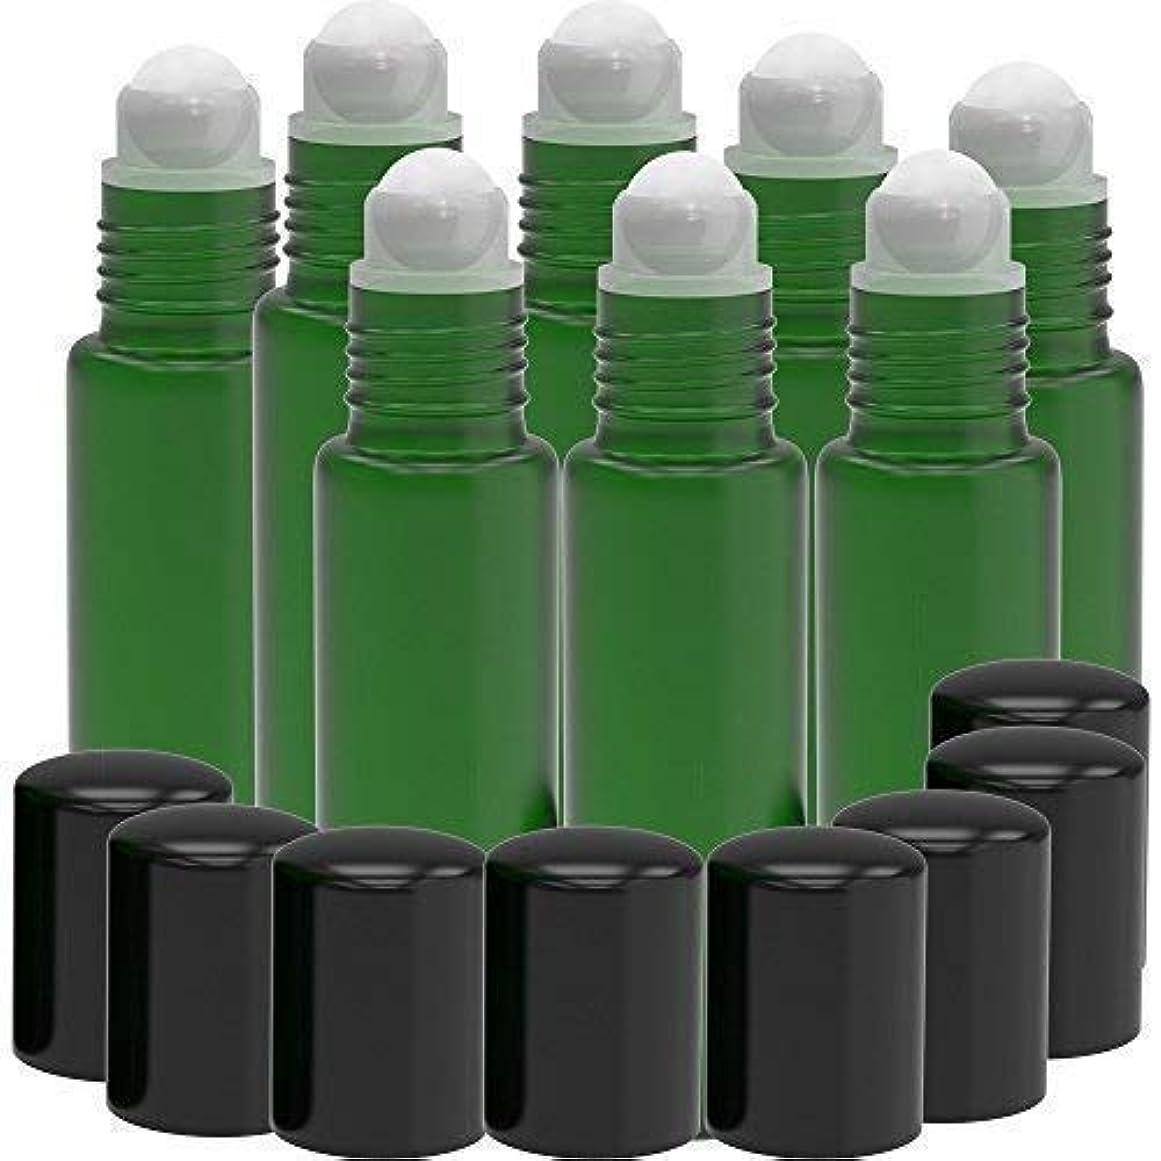 周り星こねる8 Pack - Essential Oil Roller Bottles [PLASTIC ROLLER] 10ml Refillable Glass Color Roll On for Fragrance Essential Oil - Metal Chrome Roller Ball - 10 ml 1/3 oz (Green) [並行輸入品]